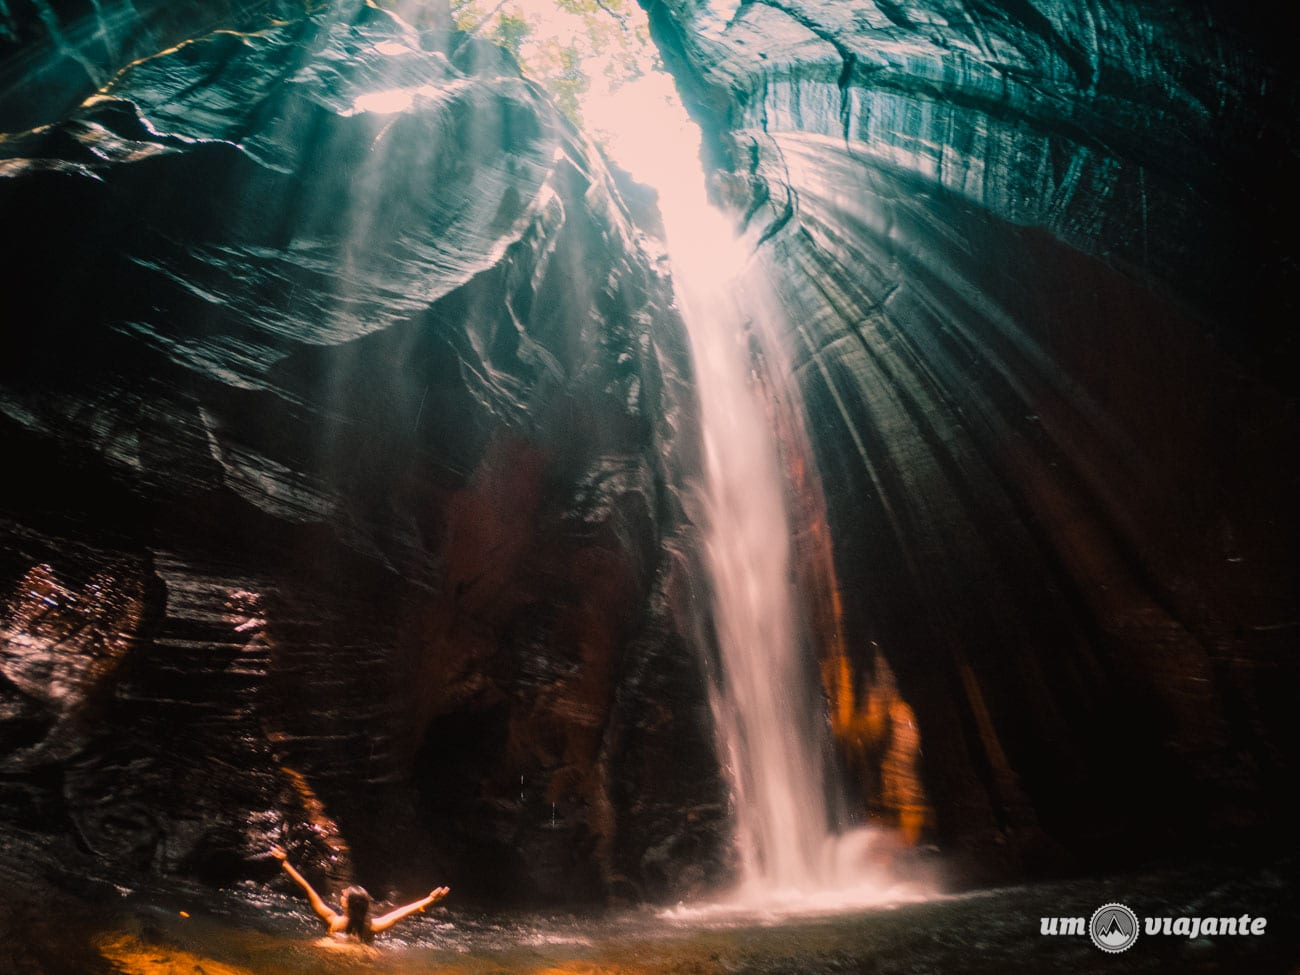 Cachoeira do Santuário - Chapada das Mesas, Maranhão